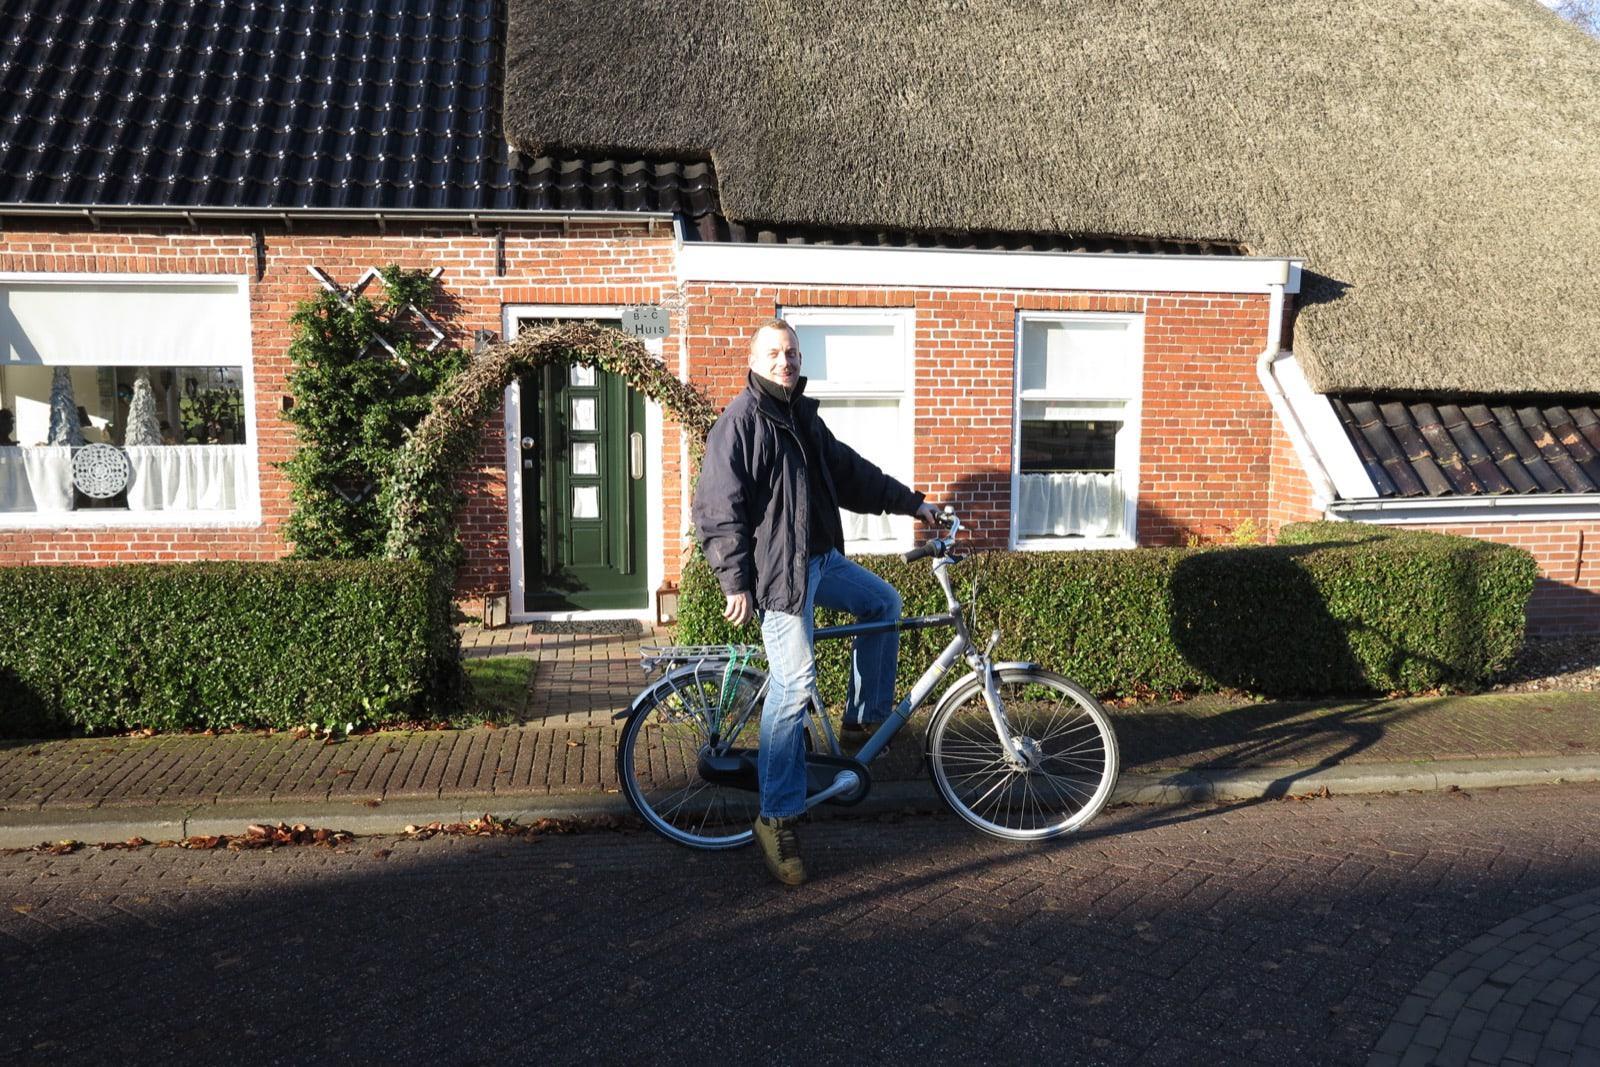 et-fiets-en-fietser-115-henk-van-zanten-bij-intocht-sint-oi.jpg